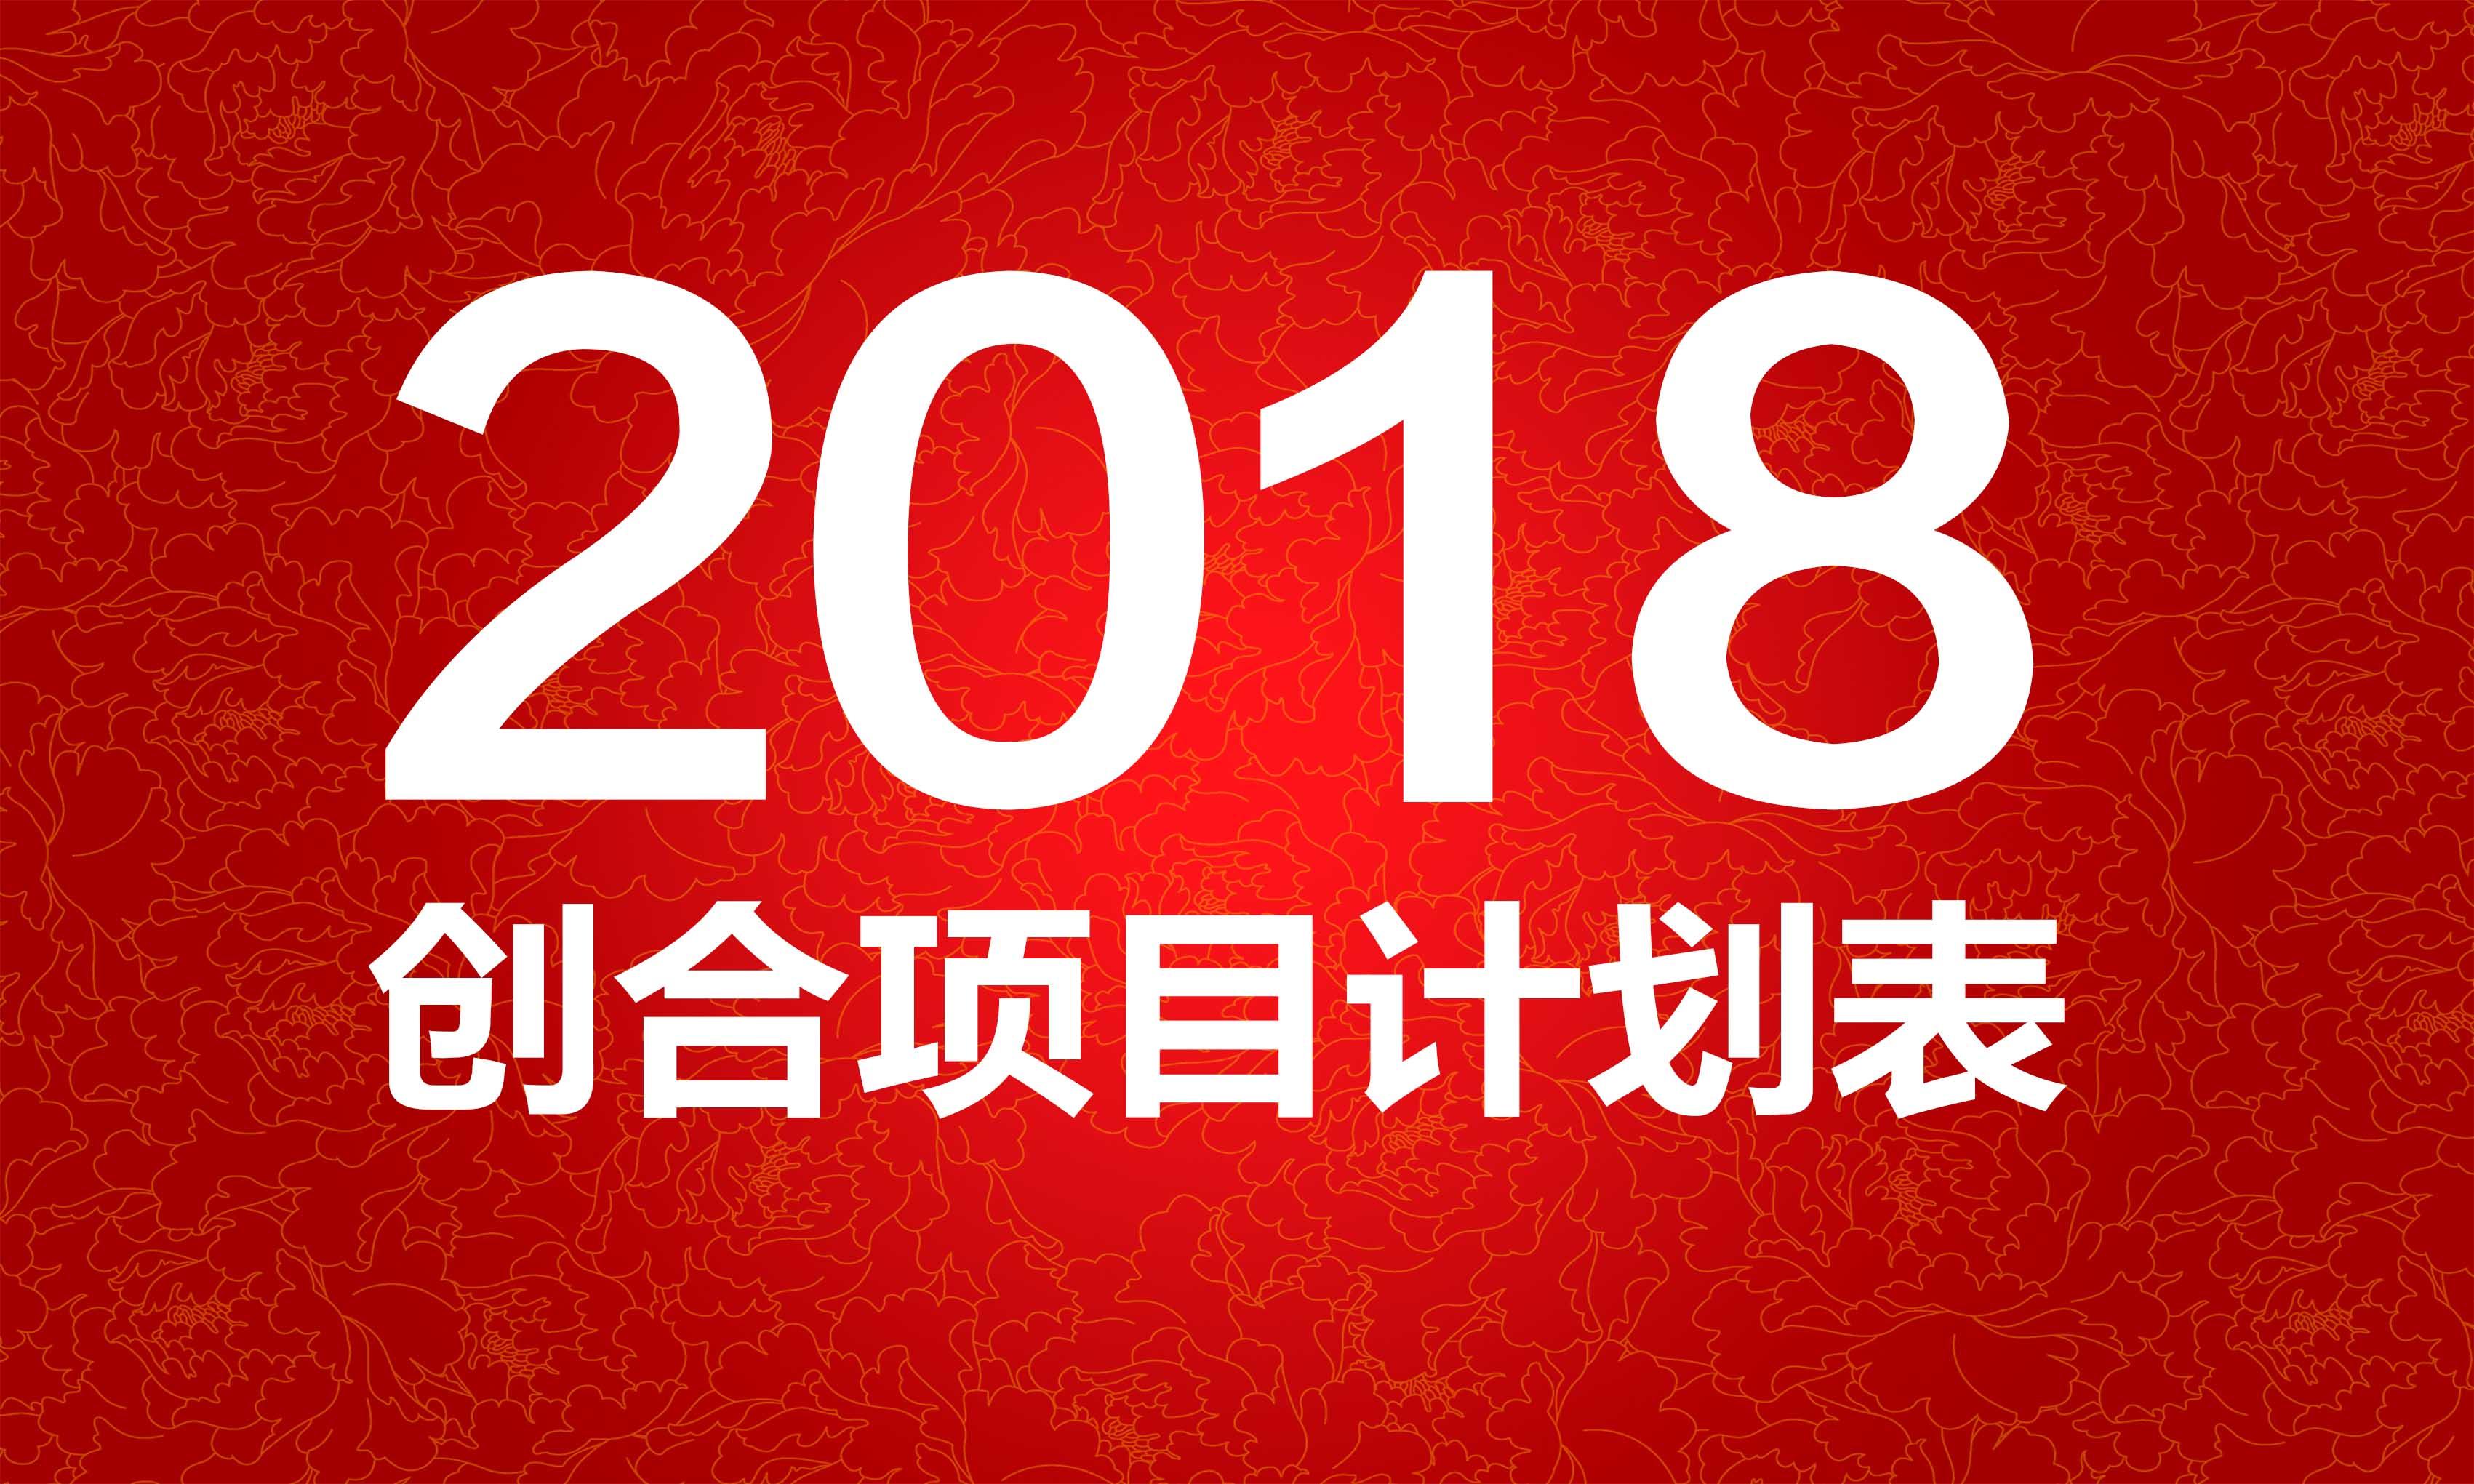 2018年创合会展项目计划表